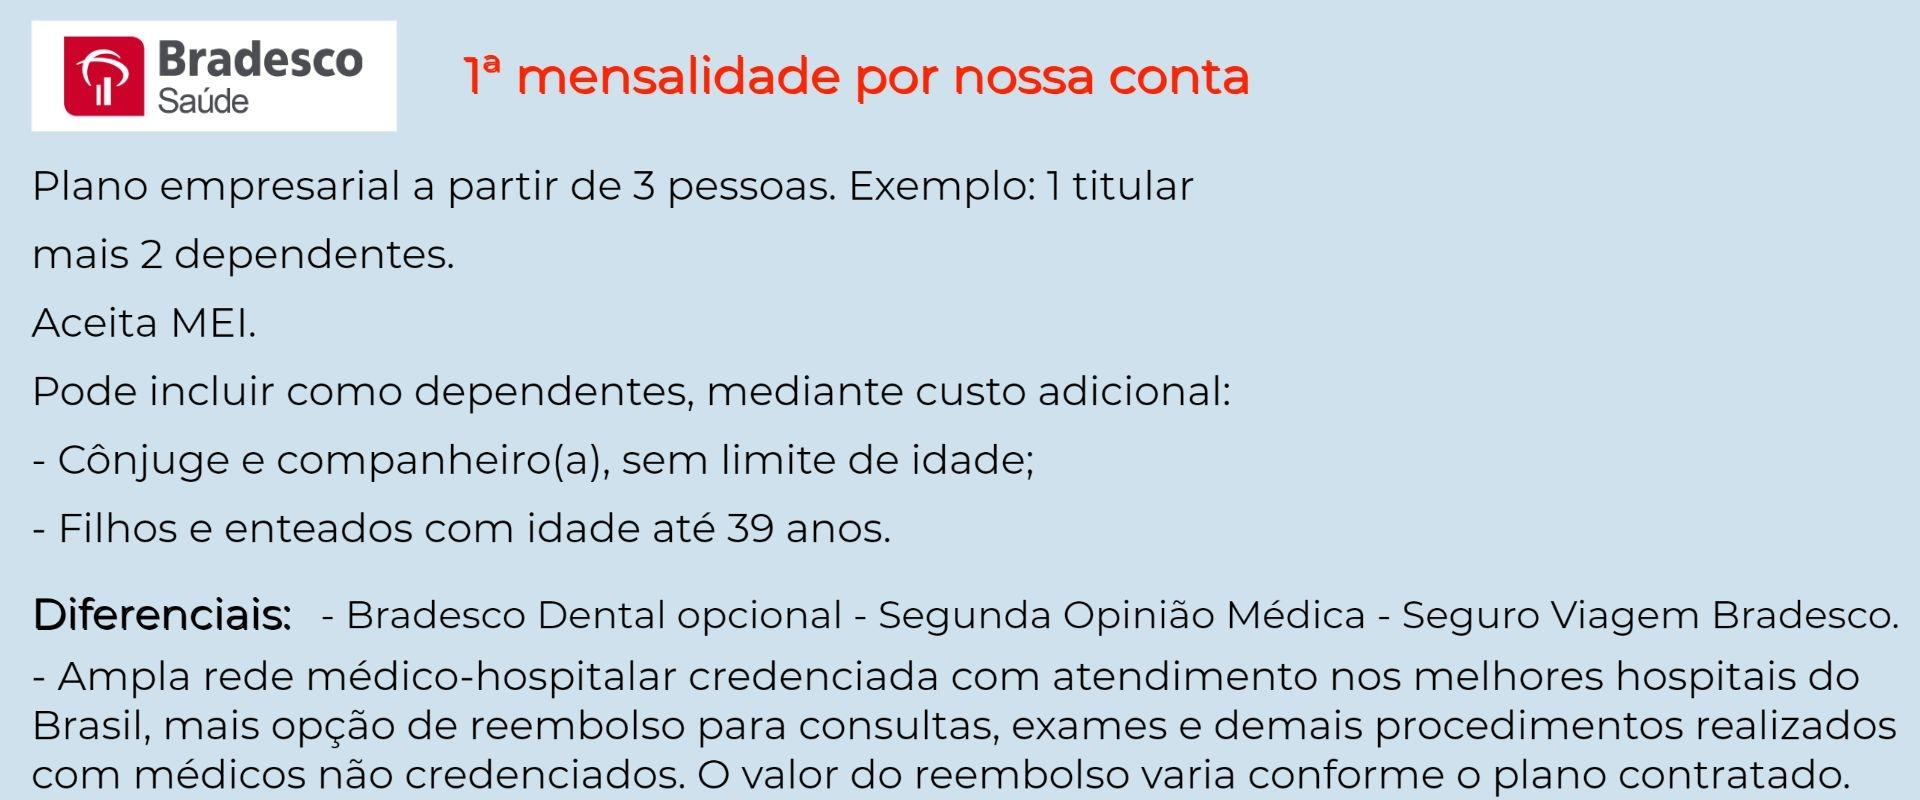 Bradesco Saúde Empresarial – Cianorte